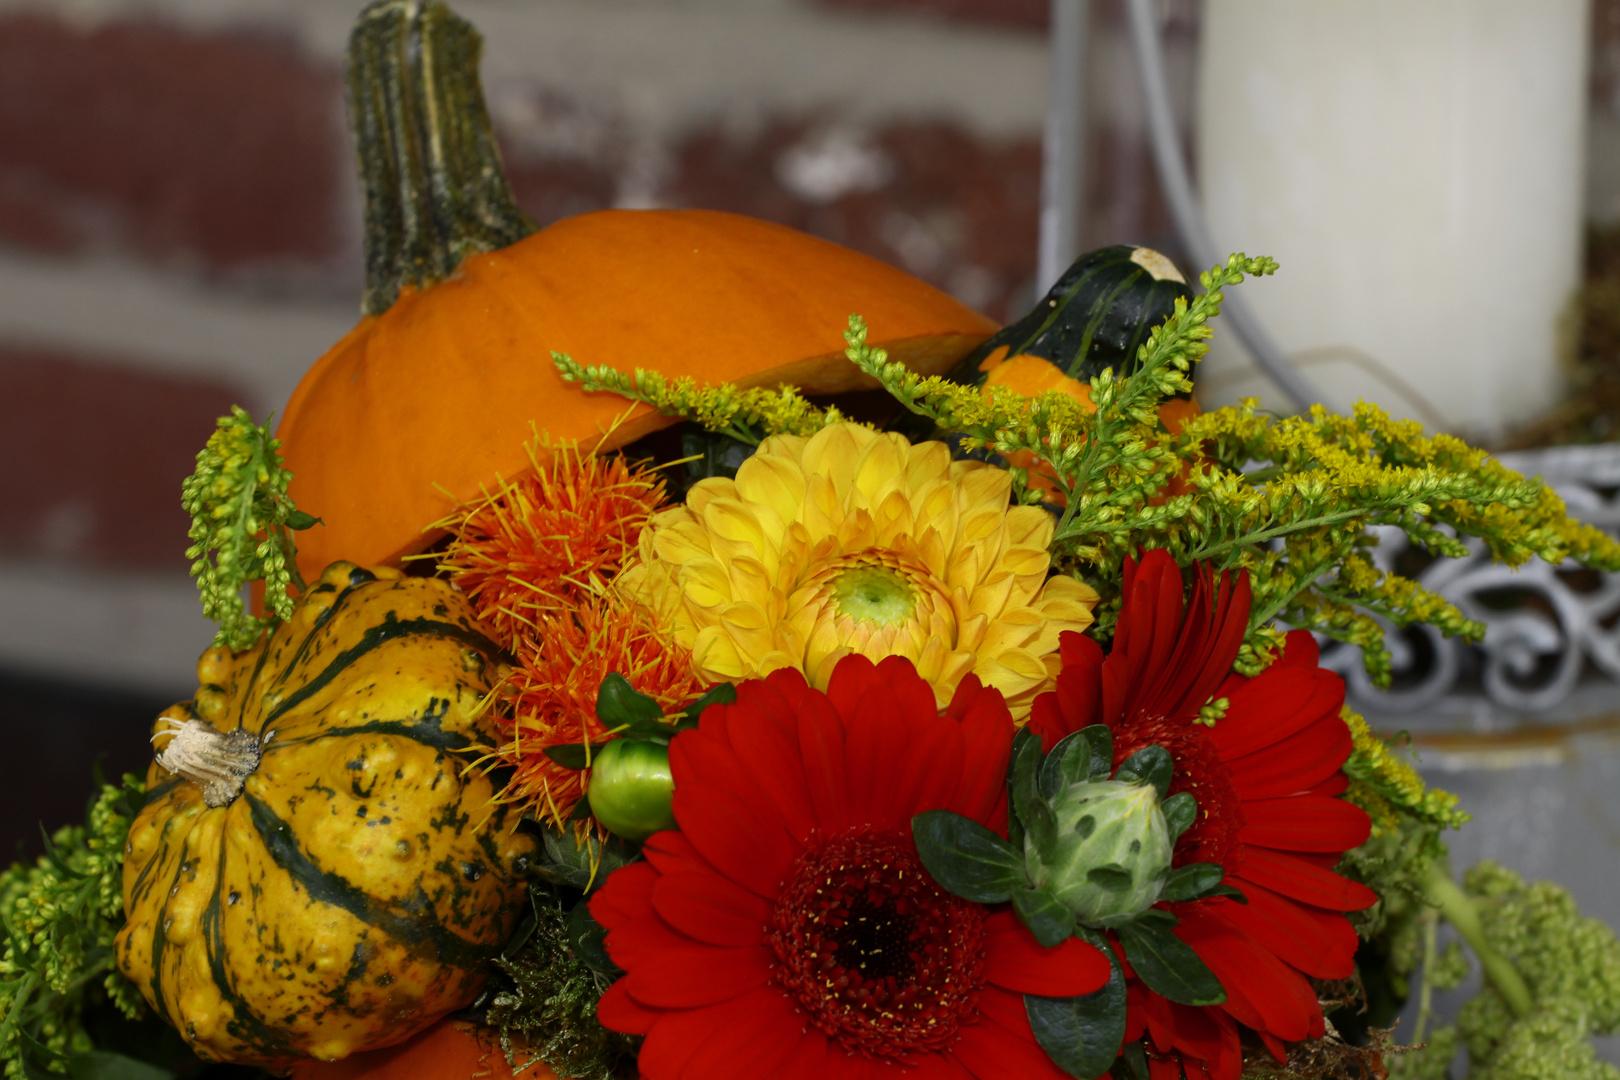 wünsche Euch allen ein schönes Wochenende und tolle Herbstmotive.